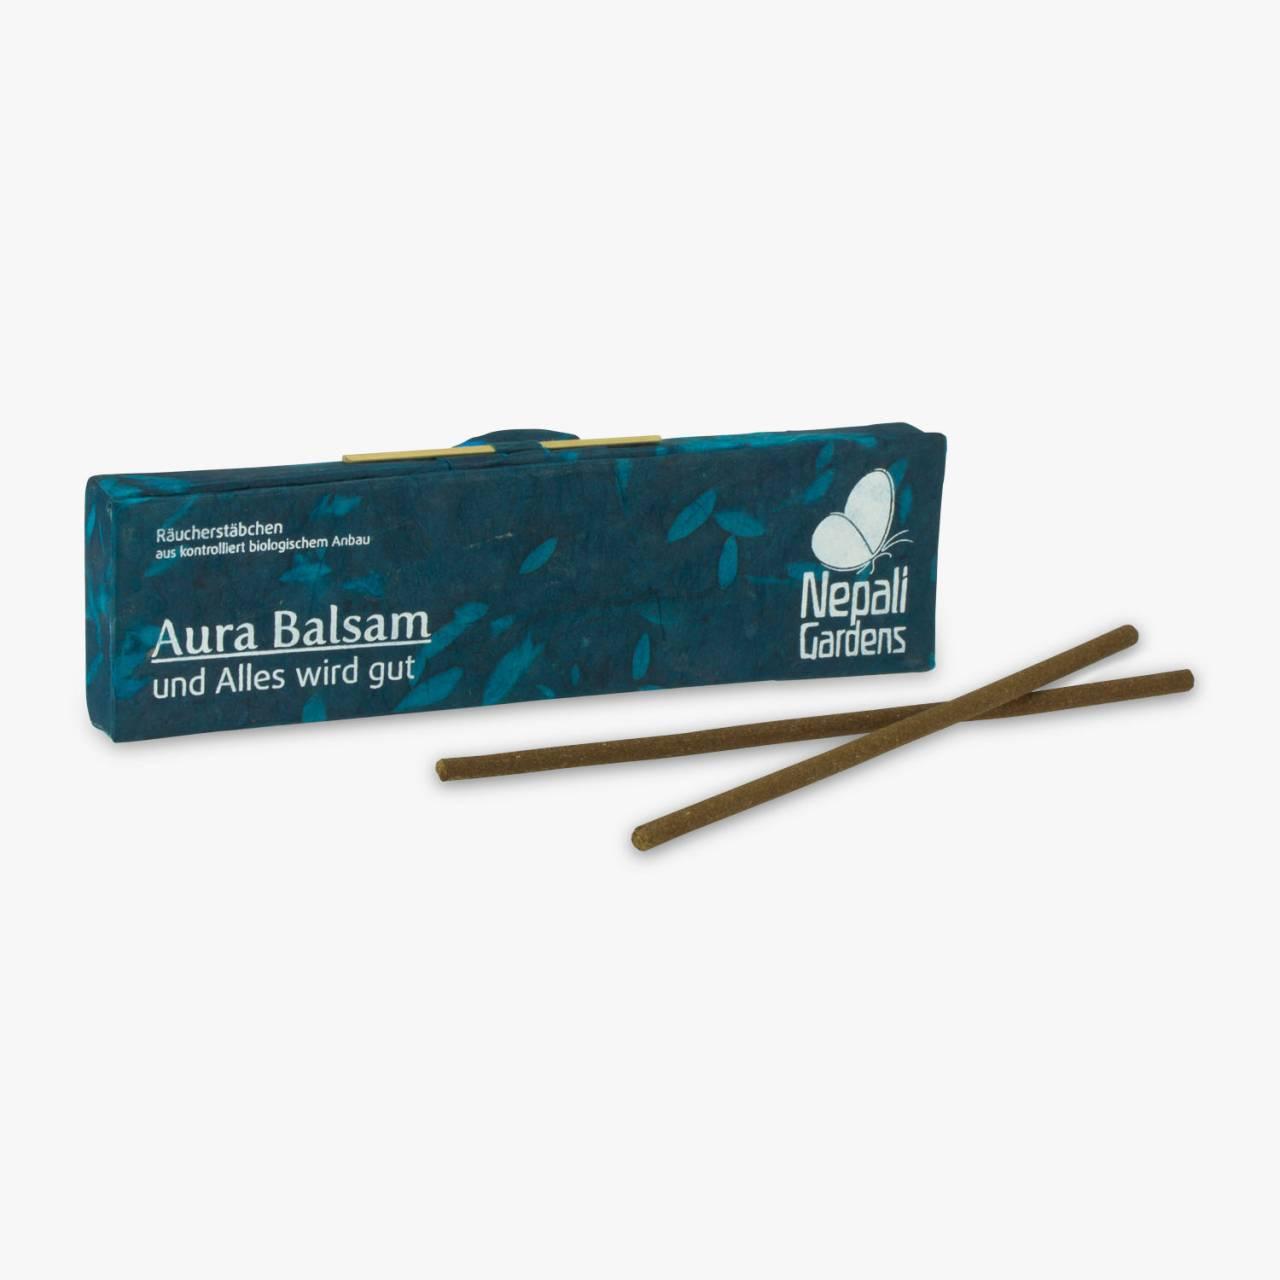 Aura Balsam